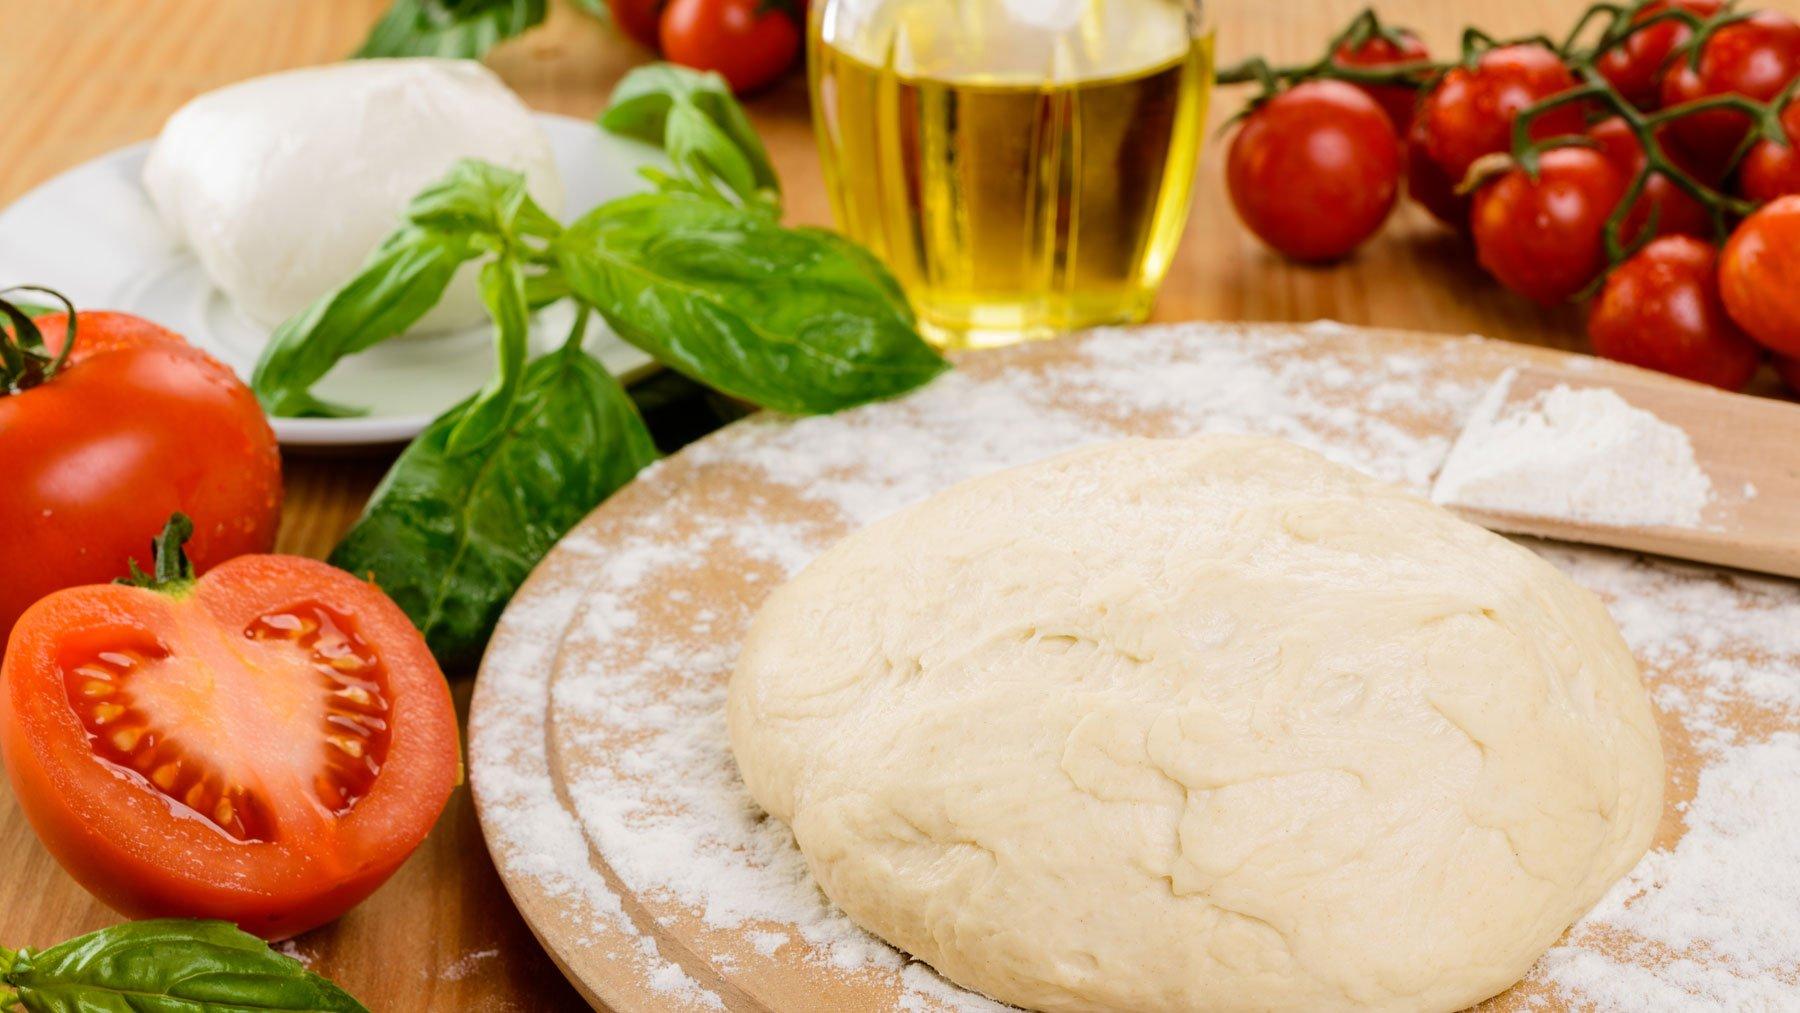 Tagliere con impasto lievitato, olio di oliva, pomodorini e mozzarella a Sarzana, SP